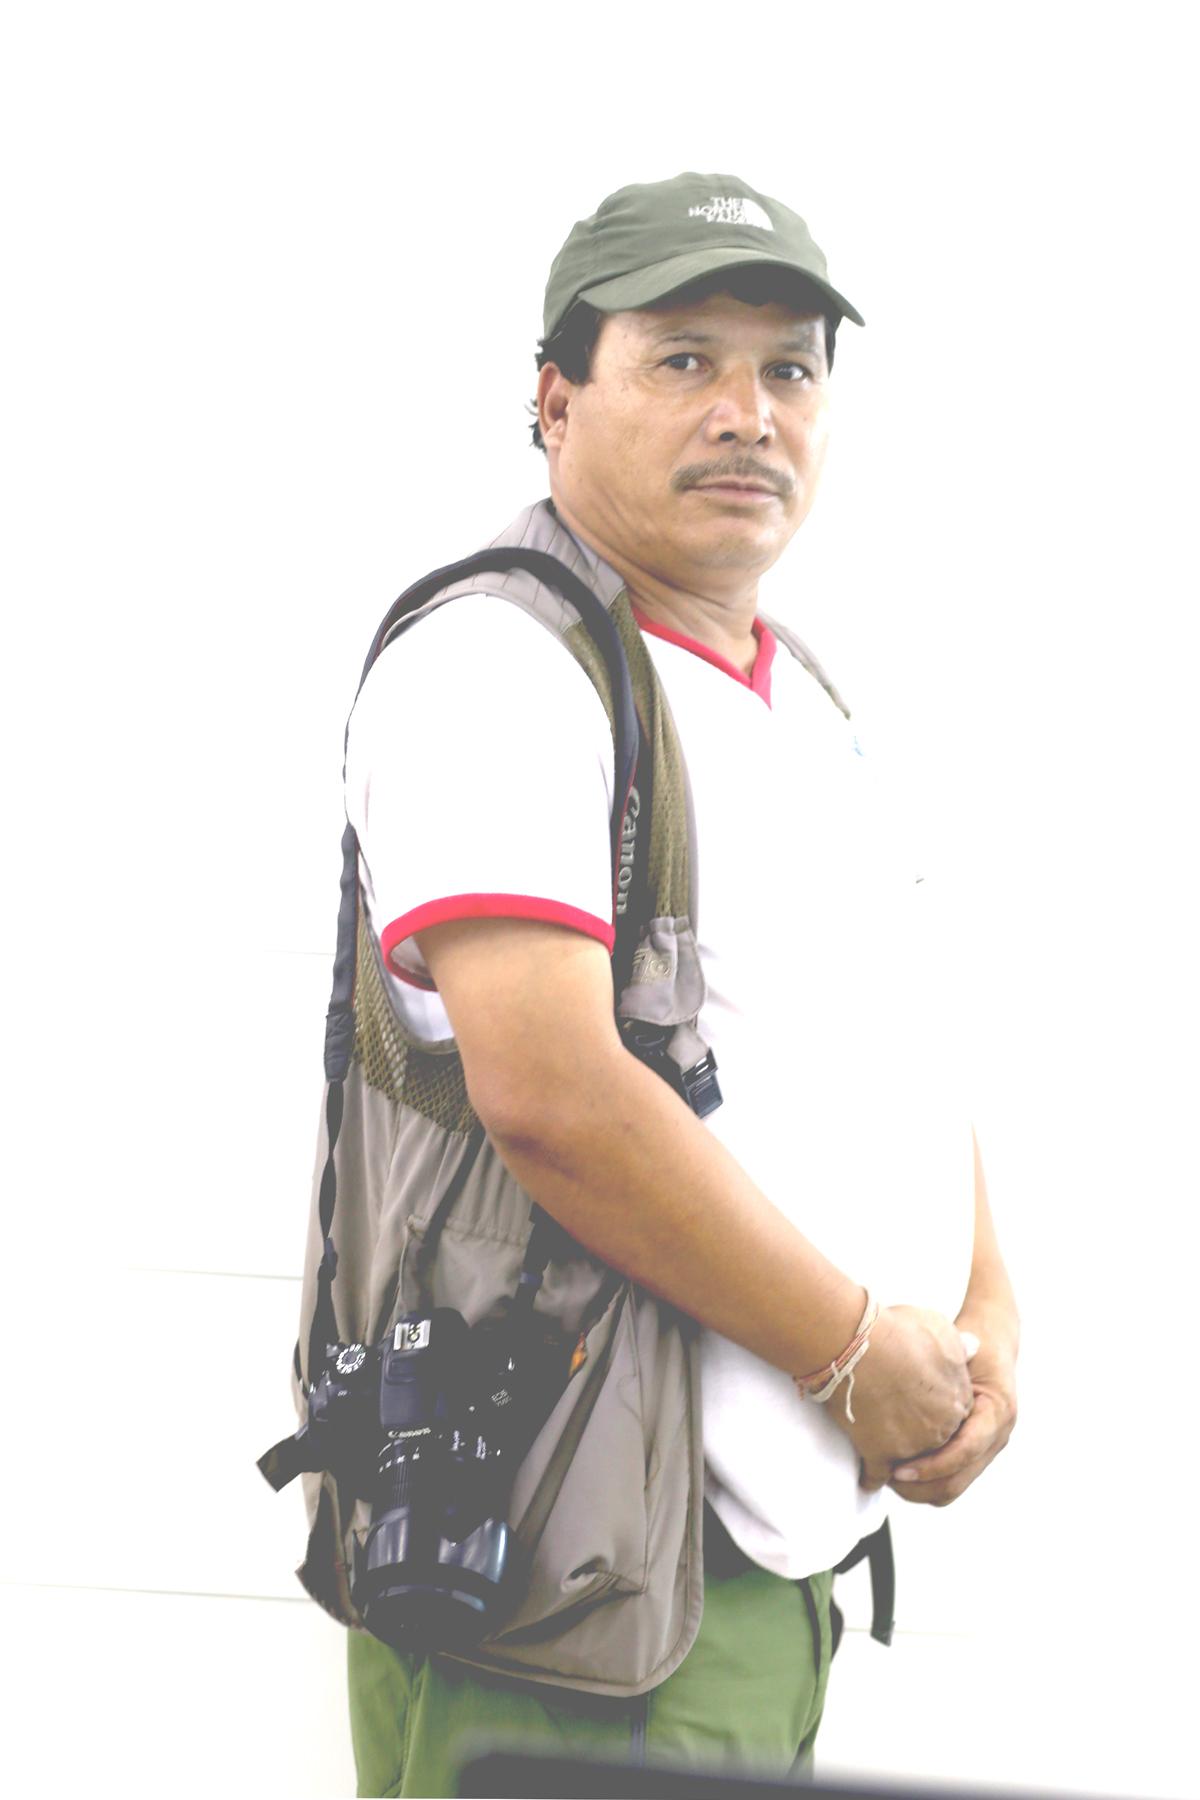 पत्रकार महासंघको केन्द्रिय सदस्यमा हरिहरसिंह राठौरको उम्मेद्वारी